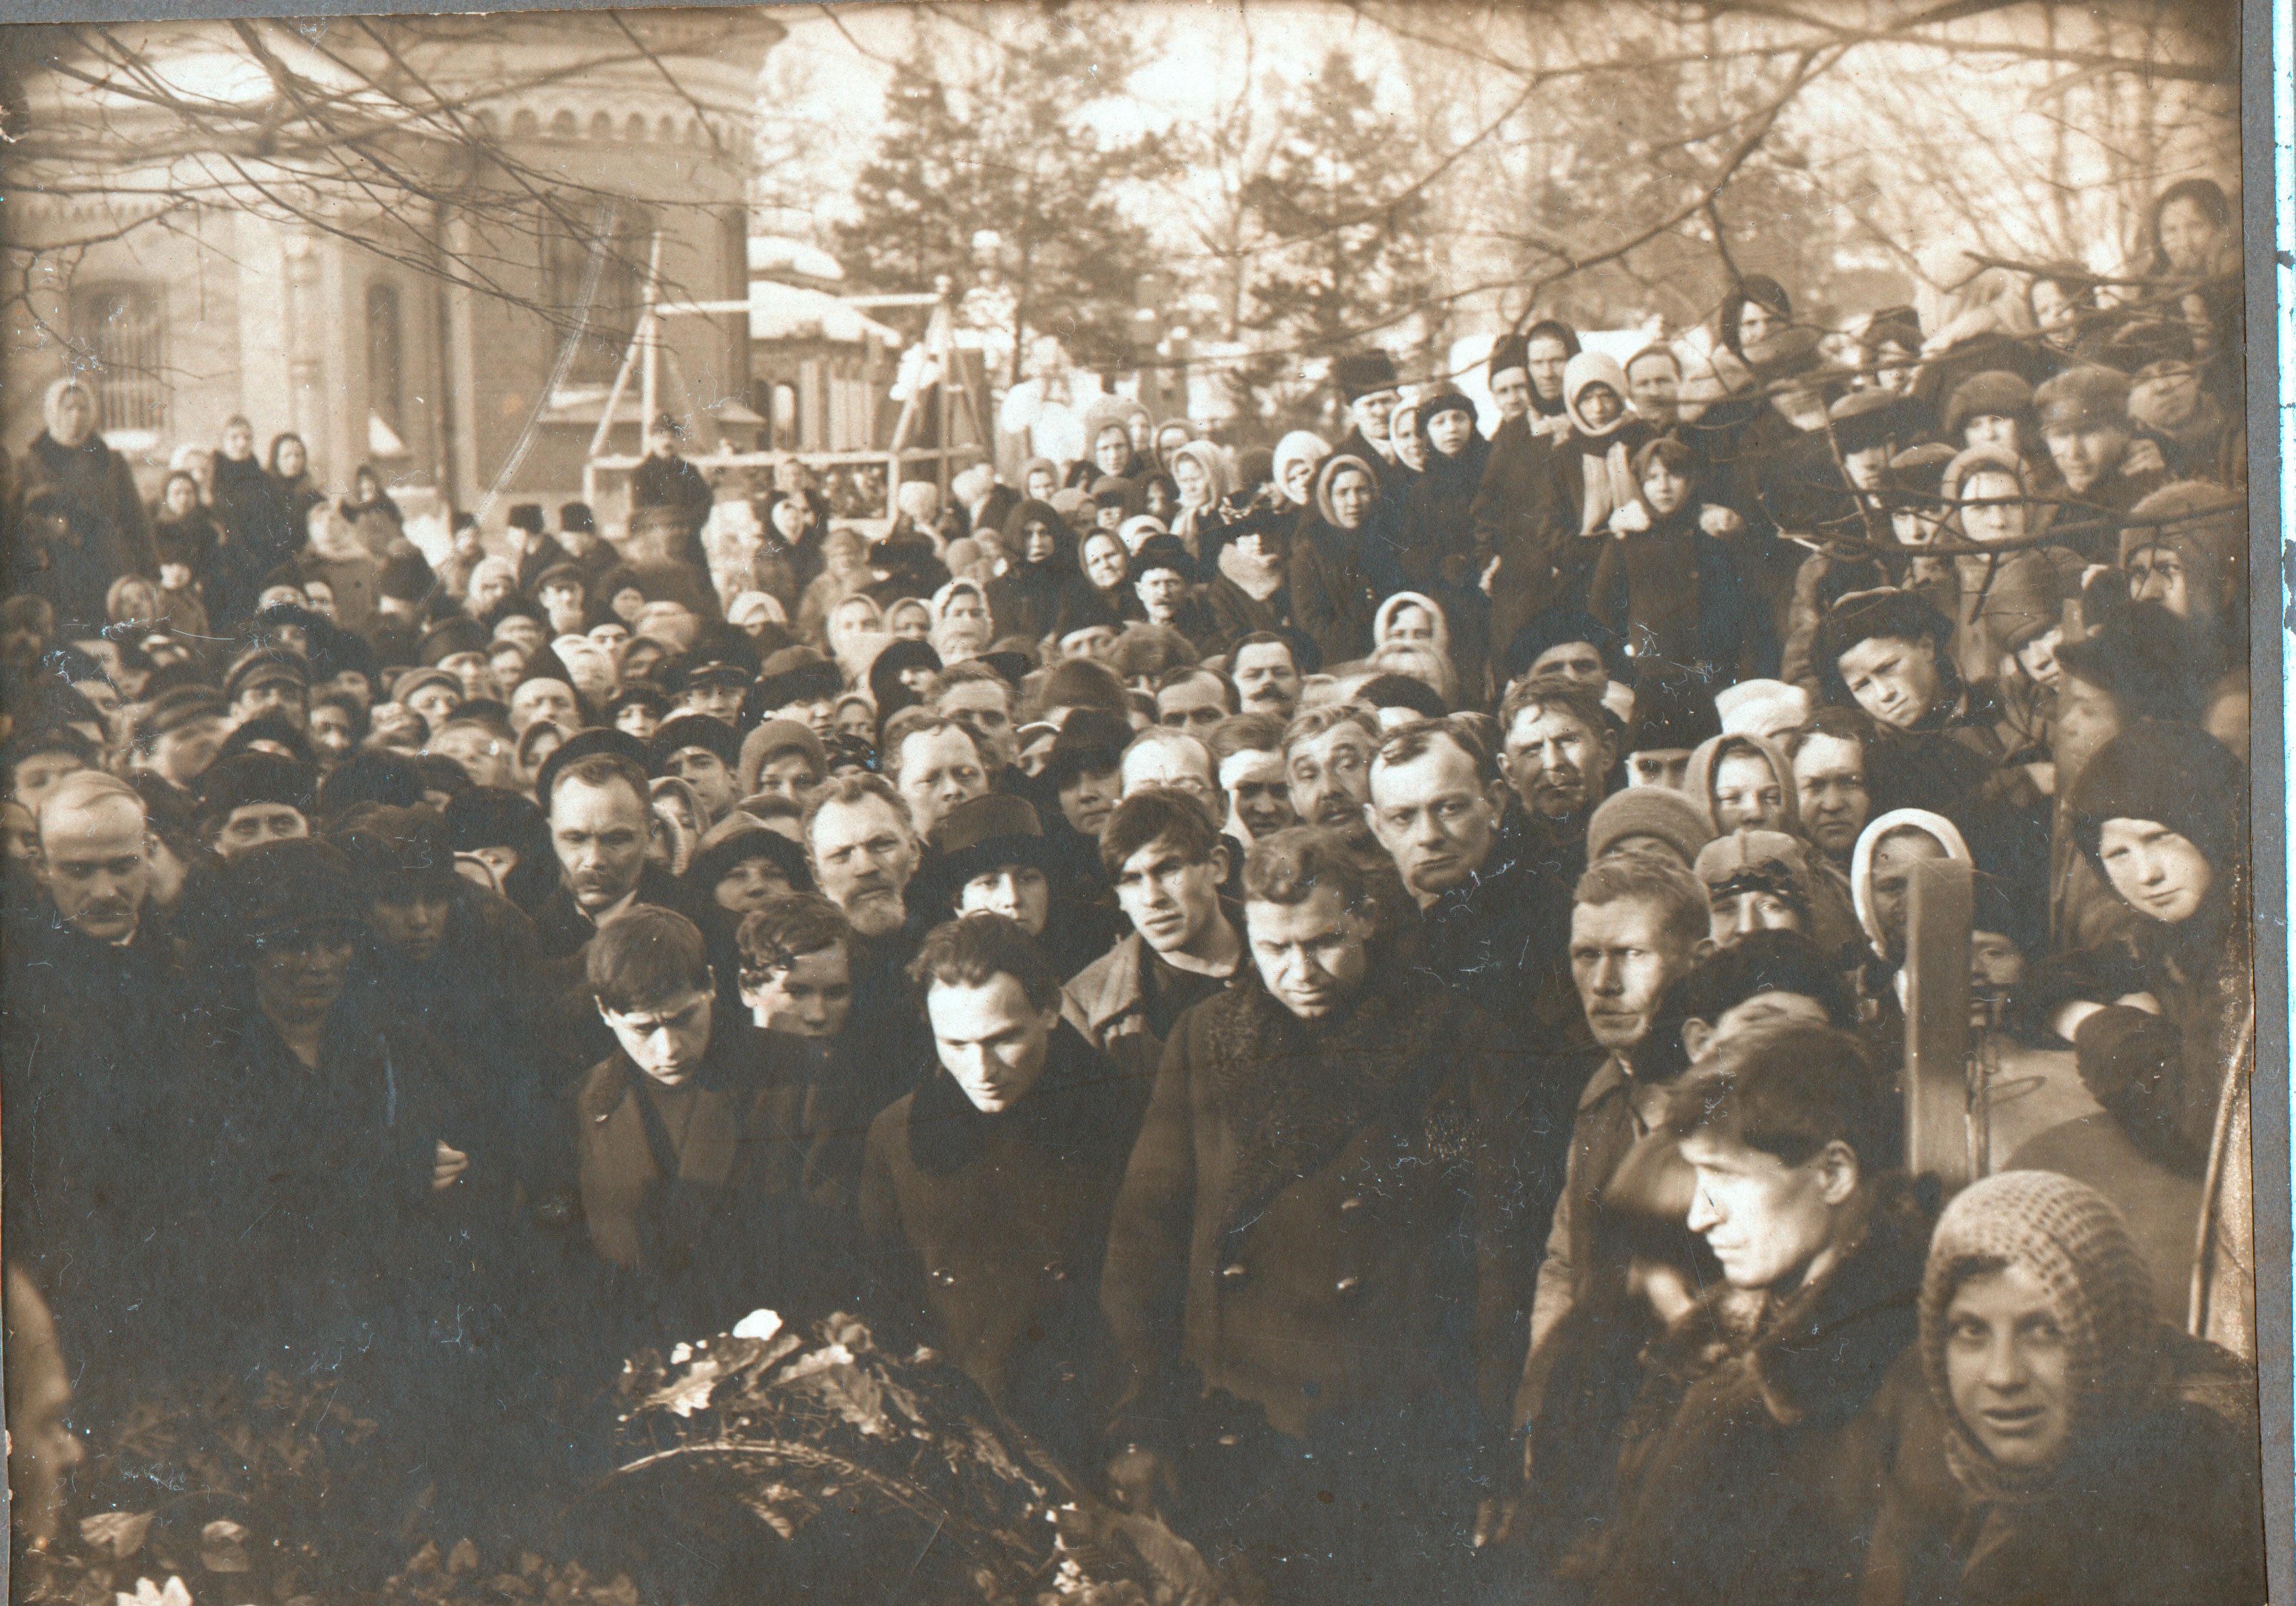 1923. Похороны на Новодевичьем кладбище